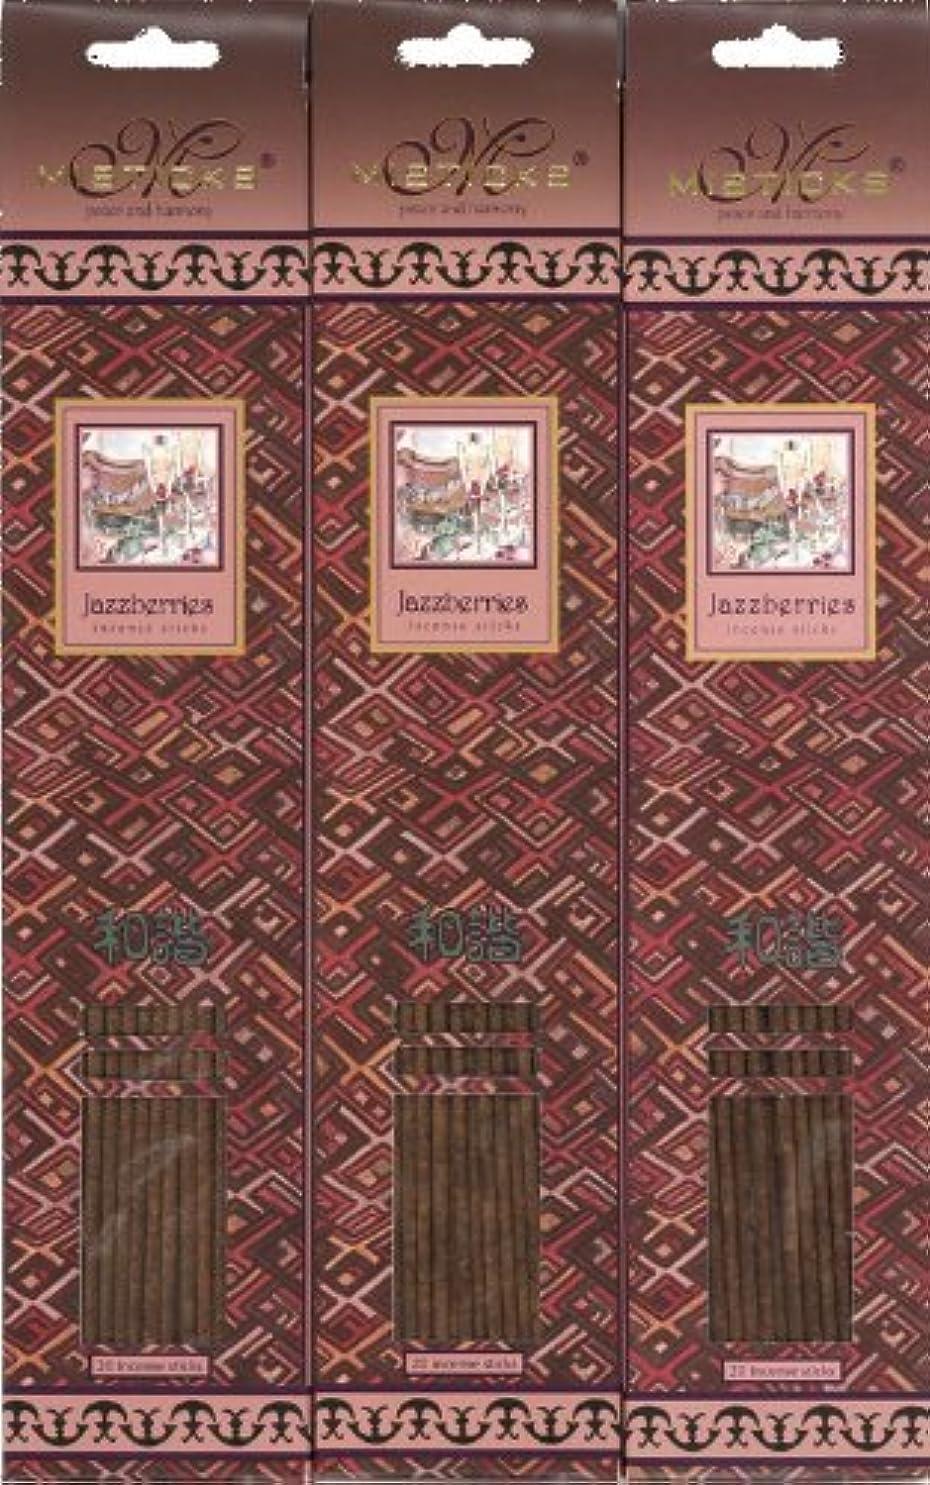 シダ発表するリルMisticks Jazzberries ジャズベリーズ お香 20本 X 3パック(60本)